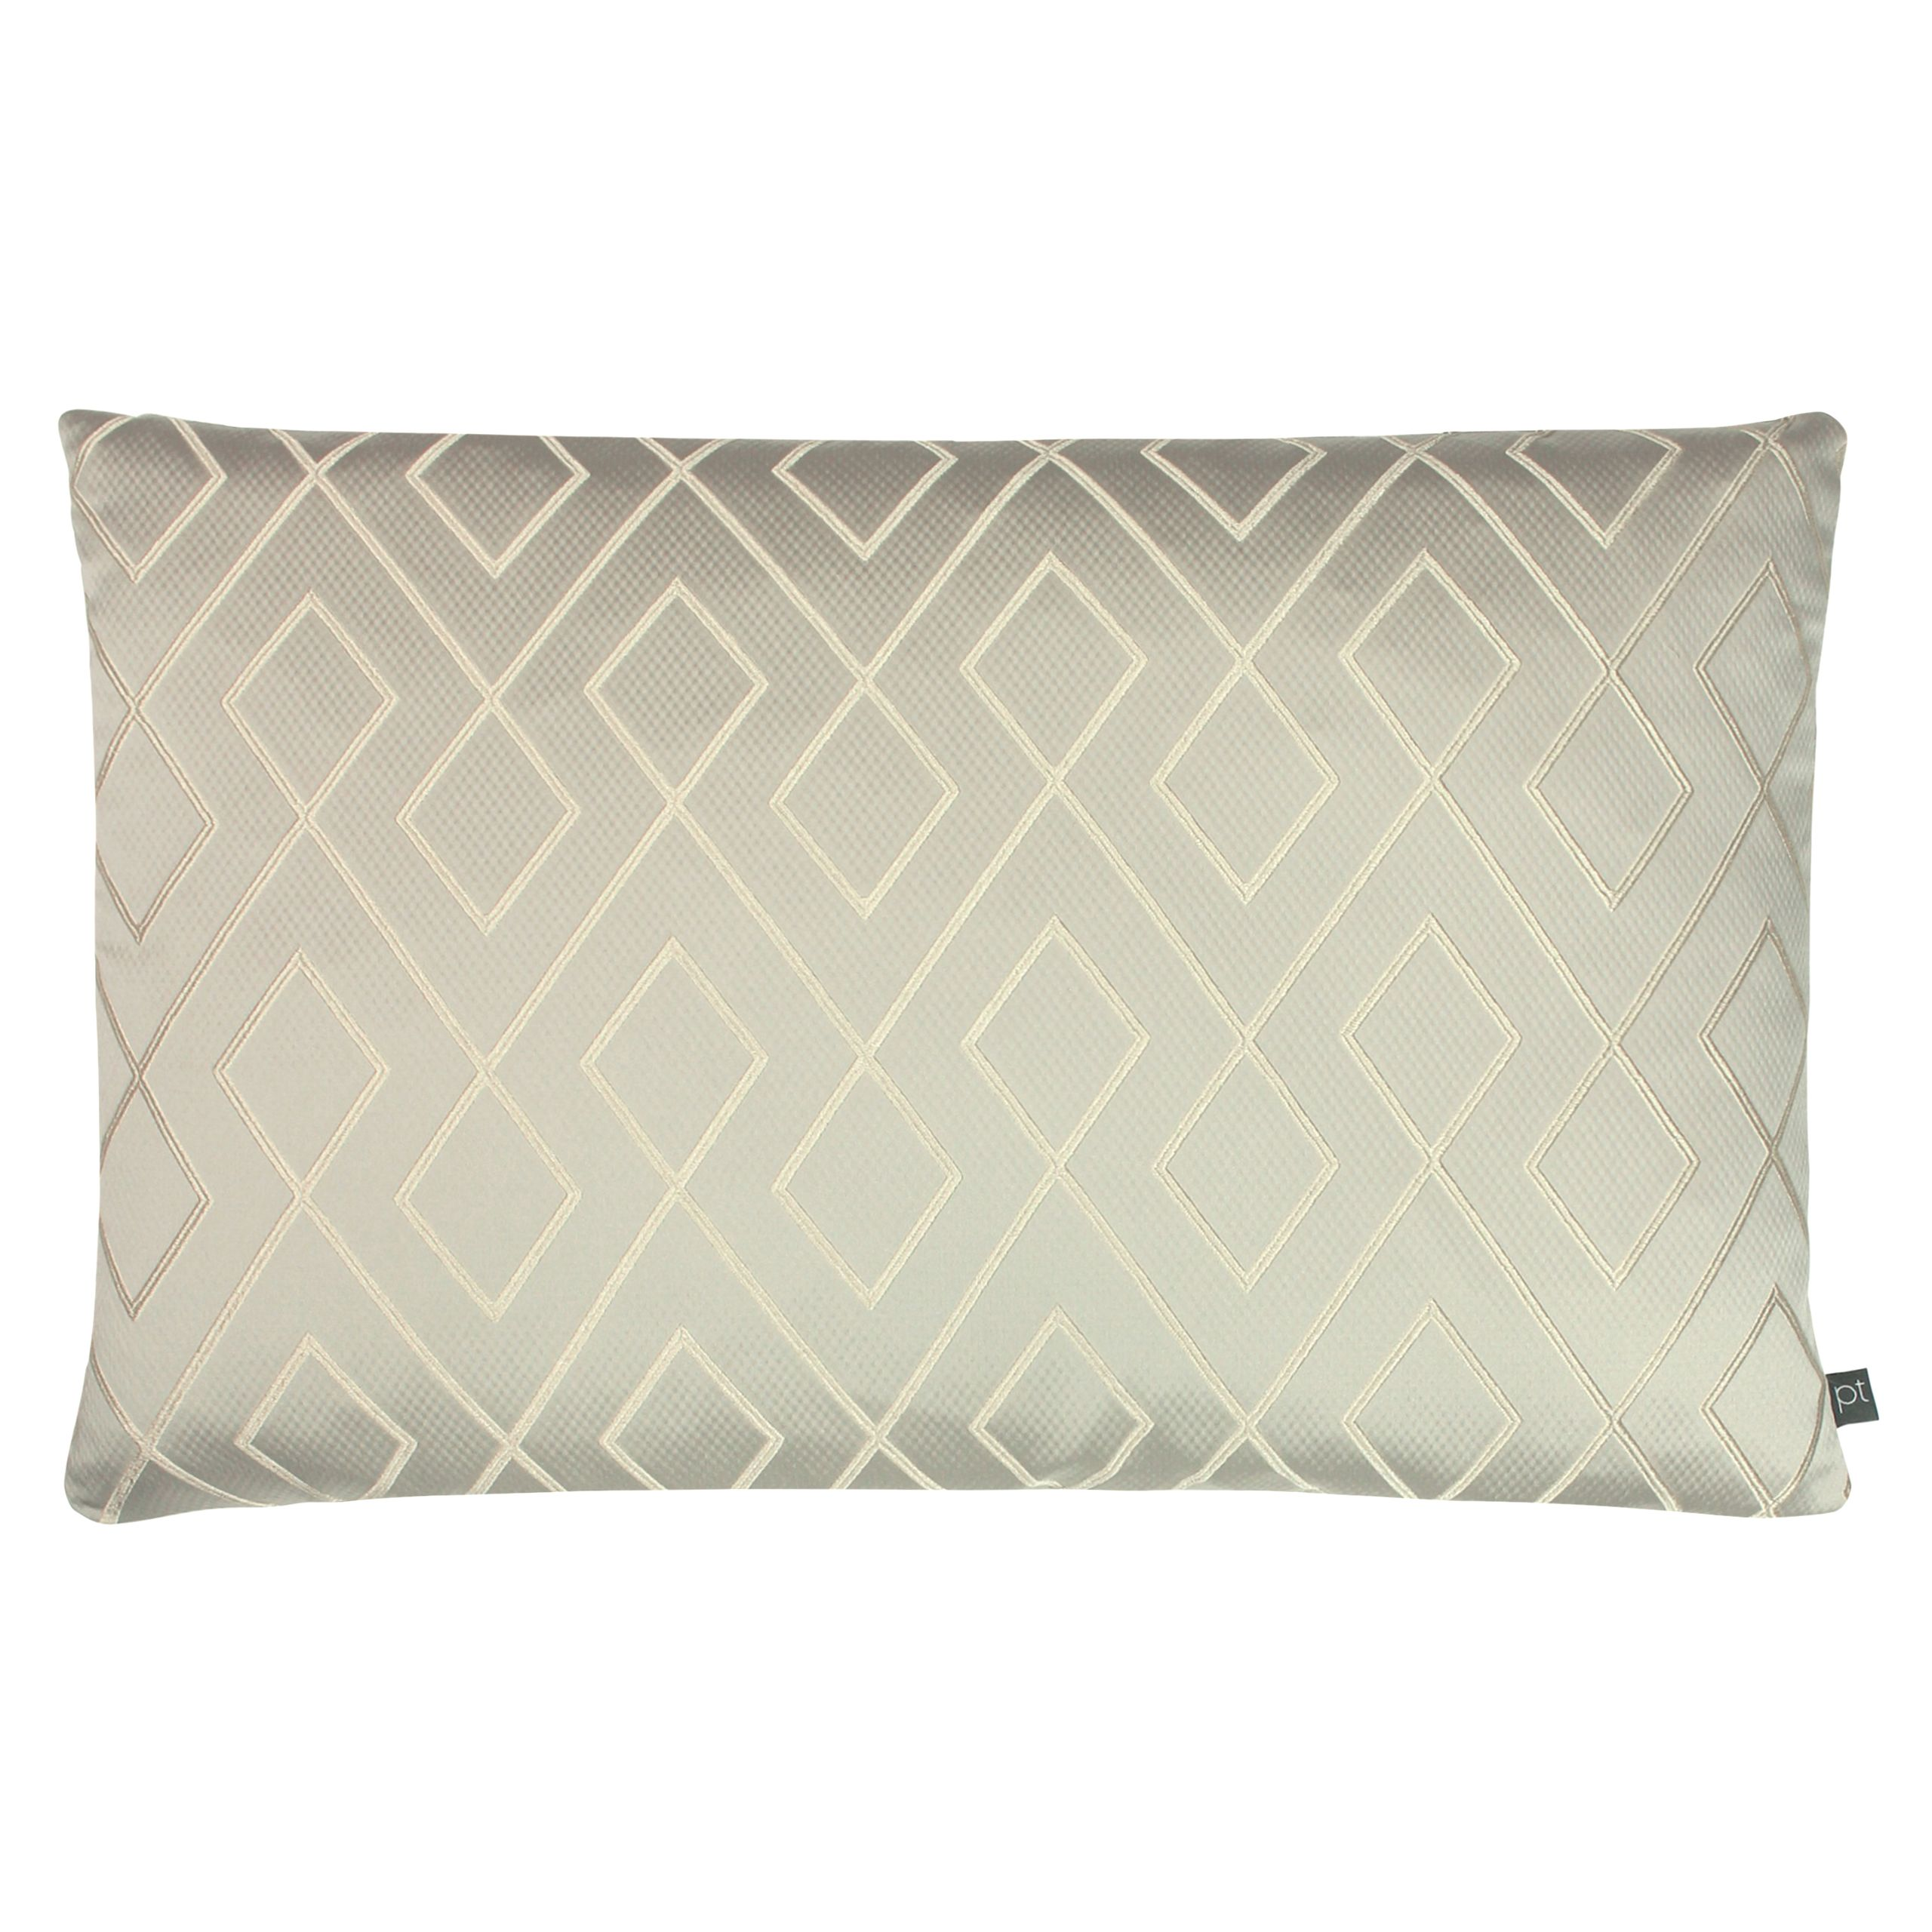 Prestigious Textiles Pivot Polyester Filled Cushion, Polyester, Pumice